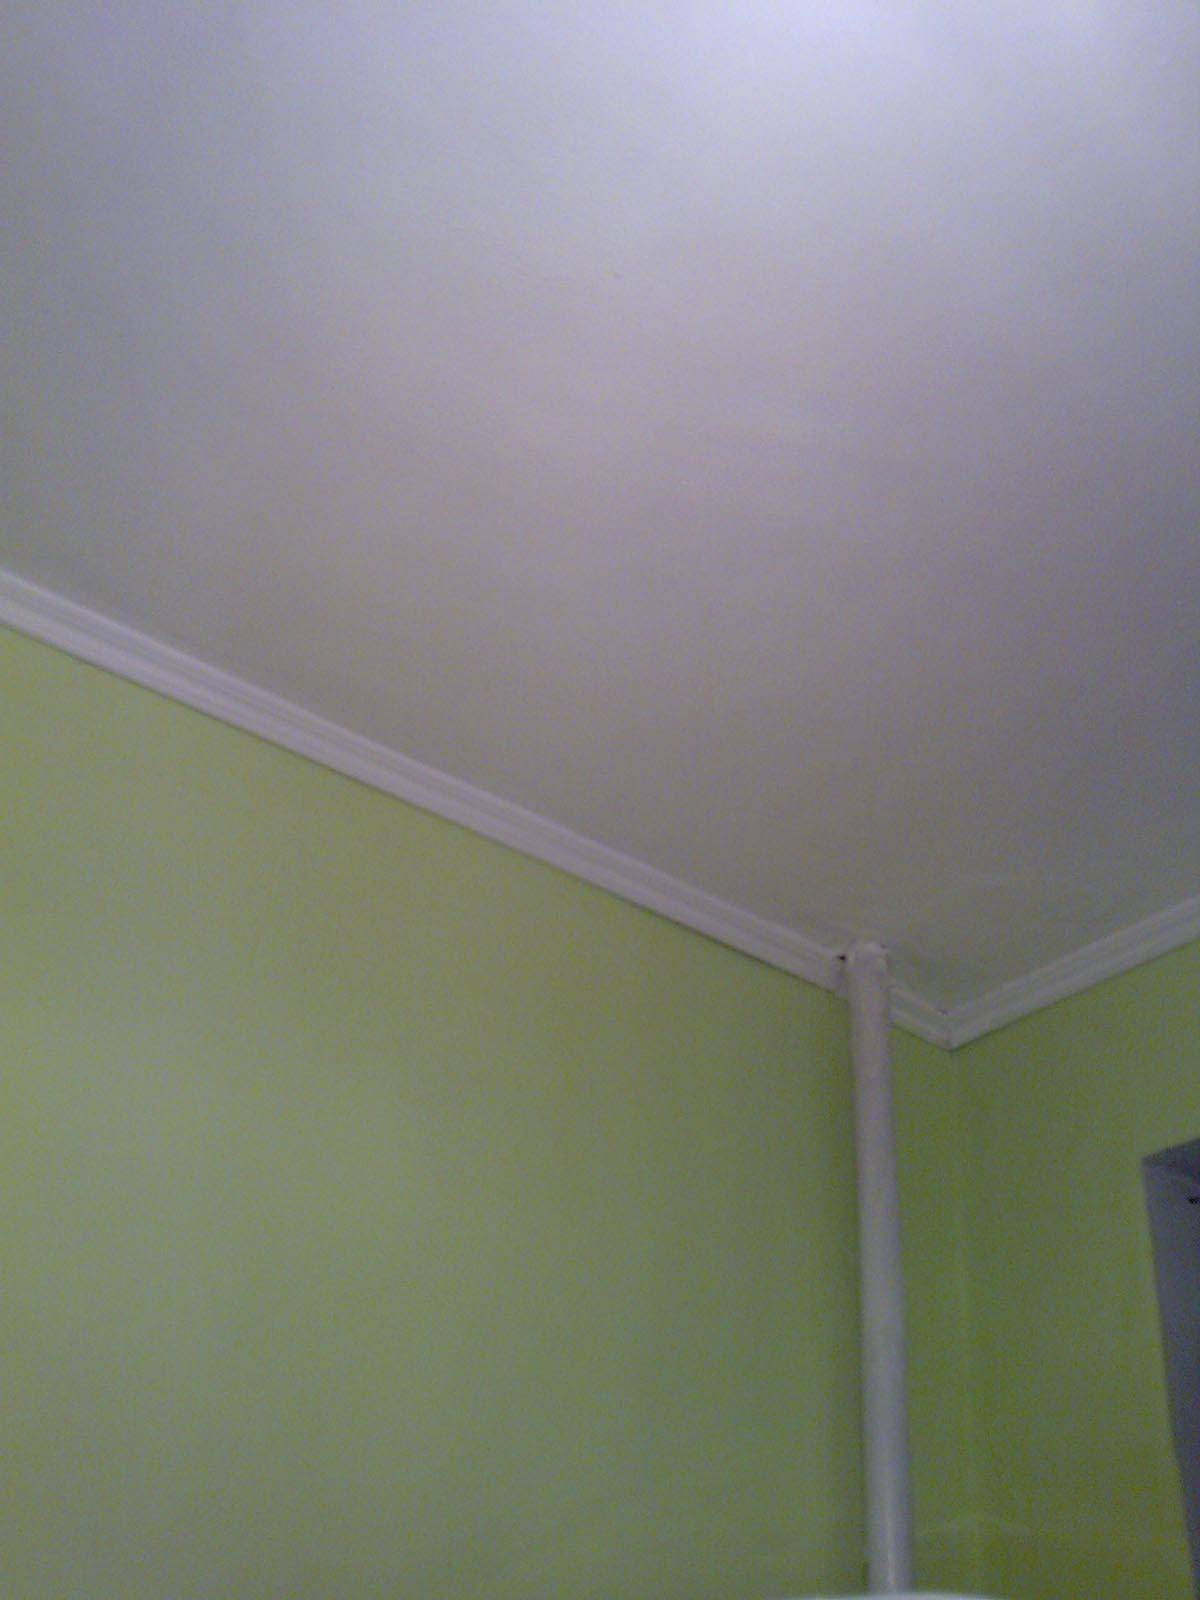 Пошаговая инструкция, как покрасить потолок - подготовка и нанесение краски